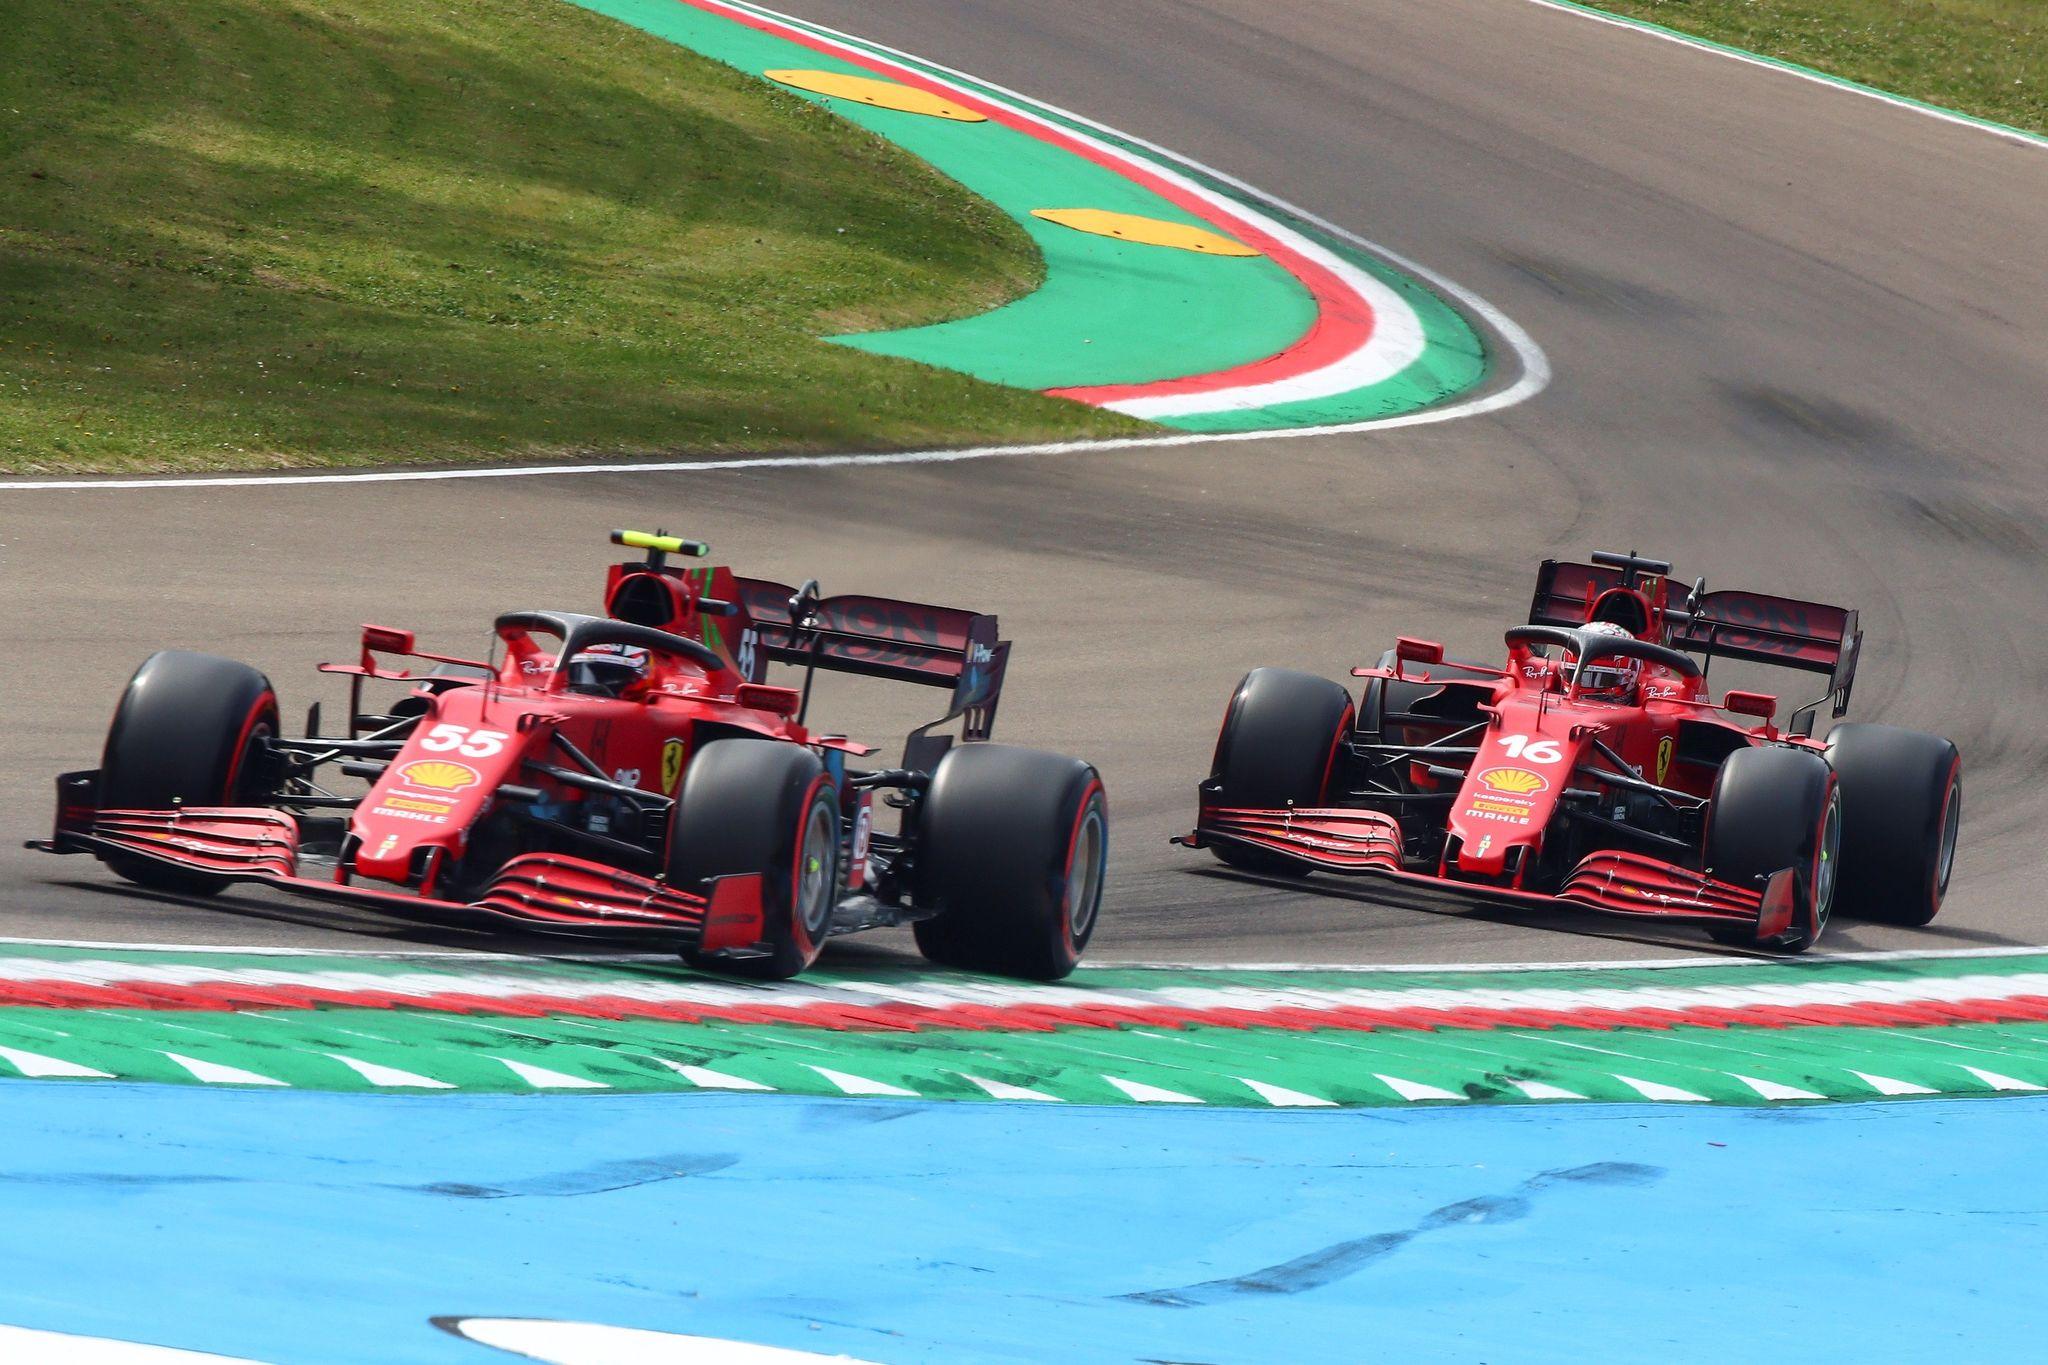 -FOTODELDIA- Imola (Italia), 17/04/2021.- El piloto español de Fórmula Uno, lt;HIT gt;Carlos lt;/HIT gt; lt;HIT gt;Sainz lt;/HIT gt; Jr (i) y su compañero de escudería Charles Leclerc (d), ambos de Ferrari durante la tercera sesión de entrenamientos libres en el Gran Premio de la Emilia Romaña de Fórmula Uno en el circuito de este sábado. EFE/ Davide Gennari